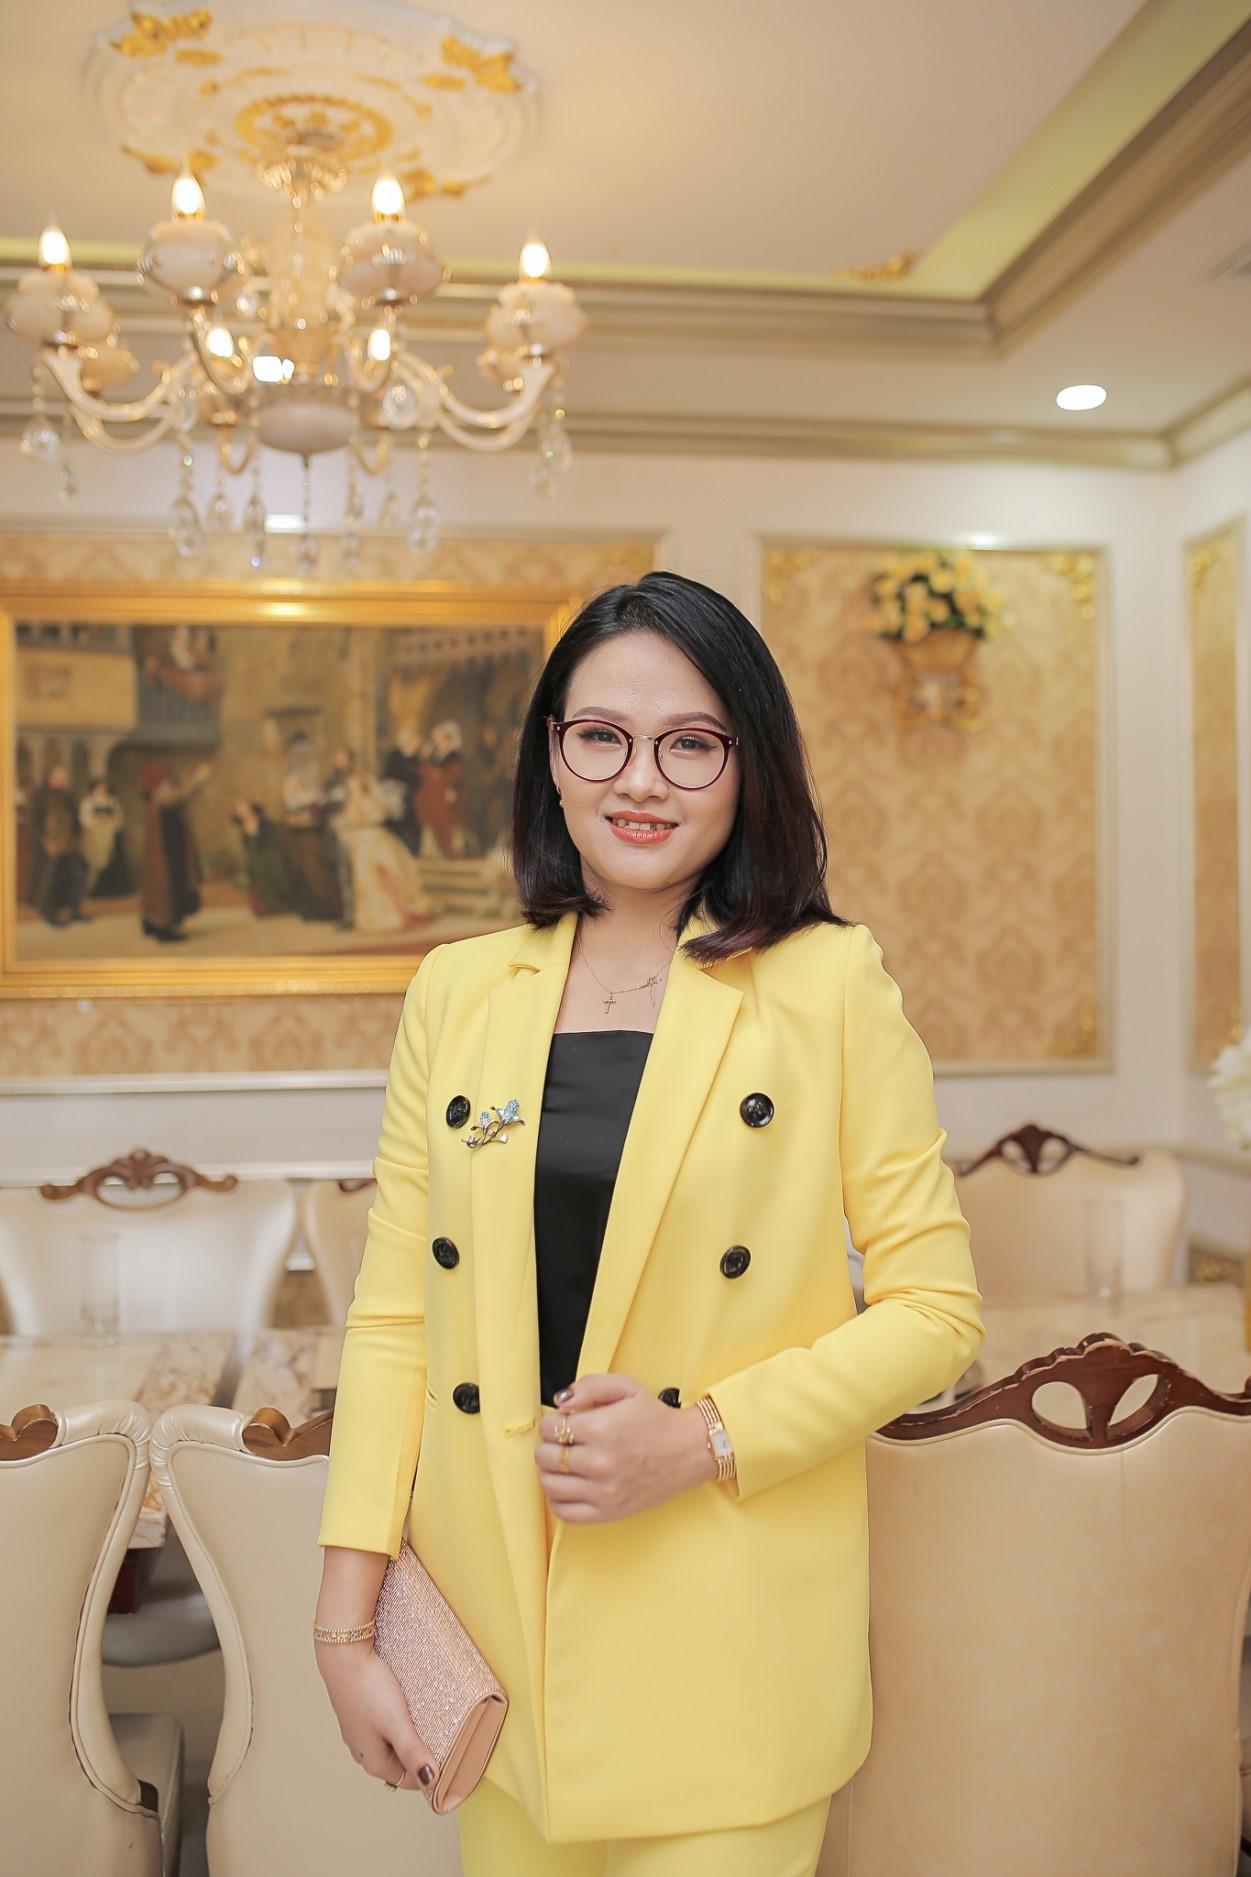 Đông dược bà Vân – Nâng tầm giá trị Việt - Ảnh 1